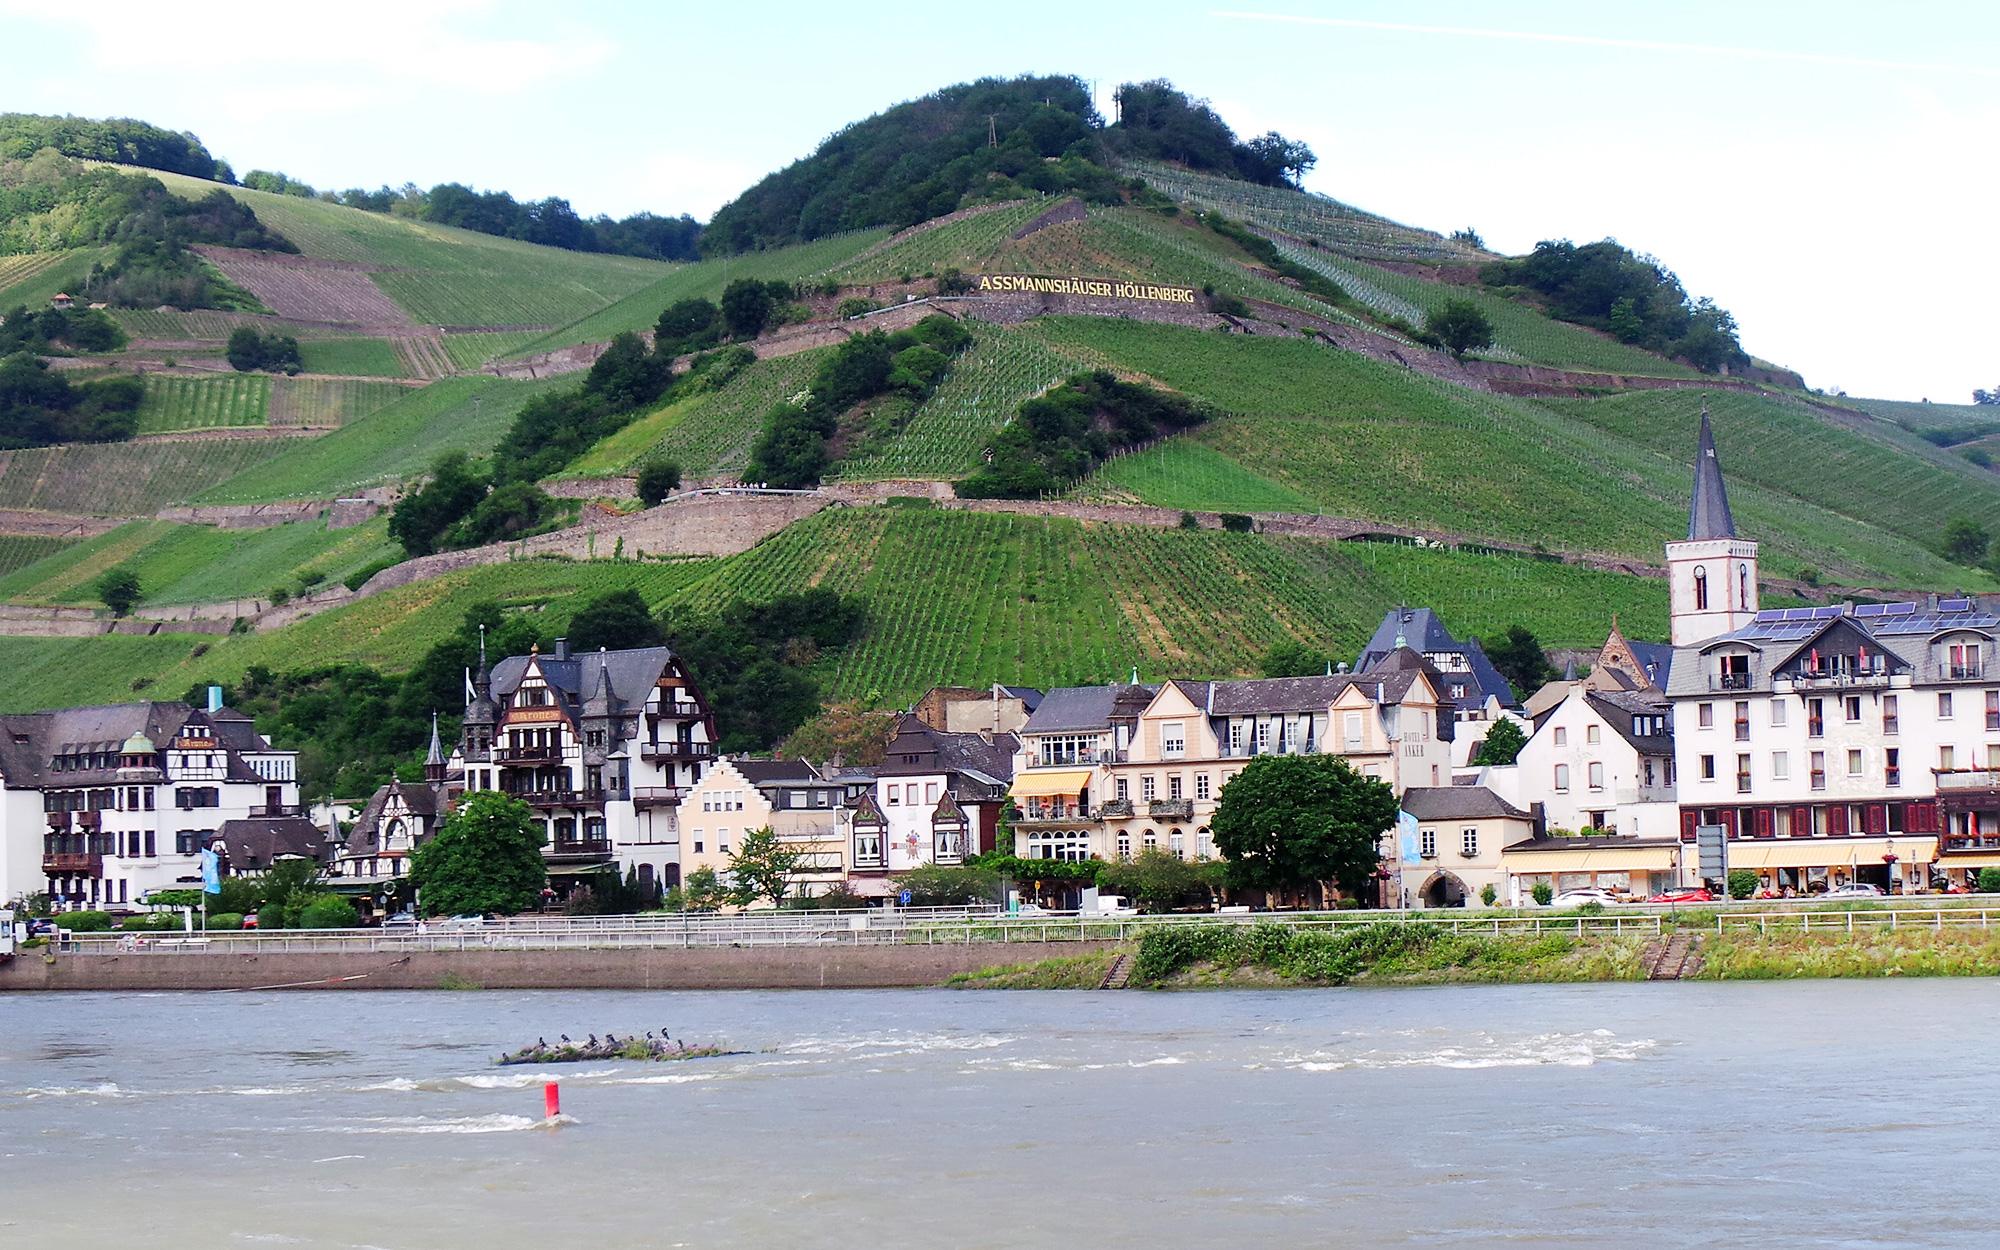 Der Rhein bei Assmannshausen. Aufgenommen von Lilo Solcher.